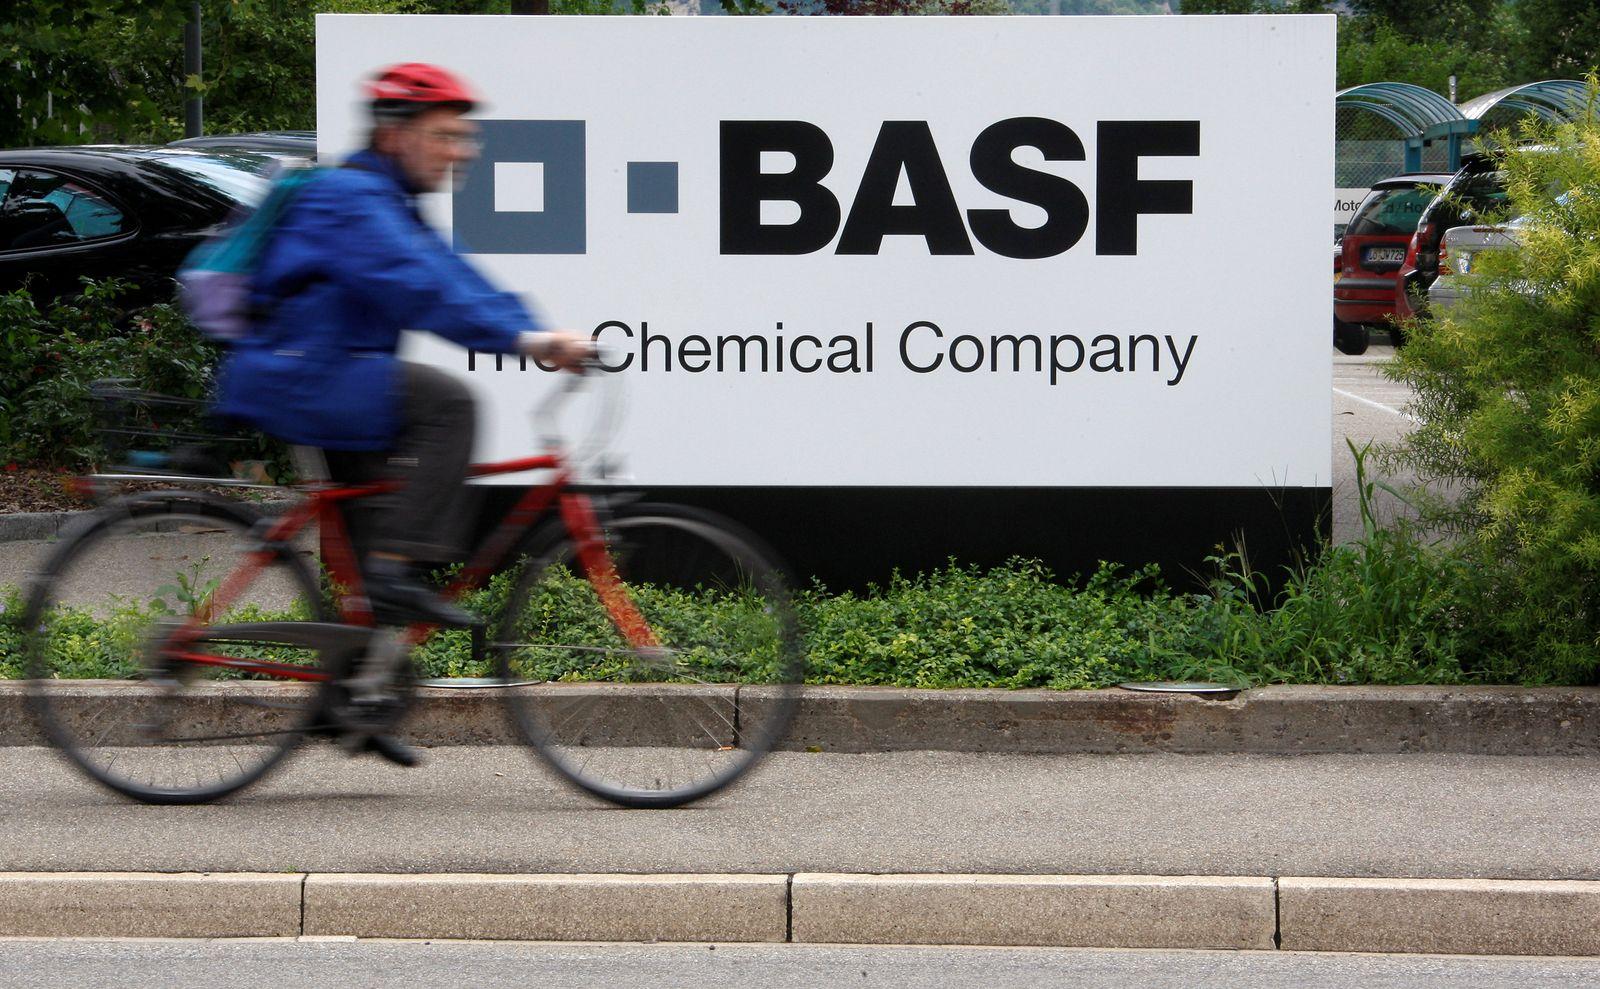 BASF-OUTLOOK/AUTOS